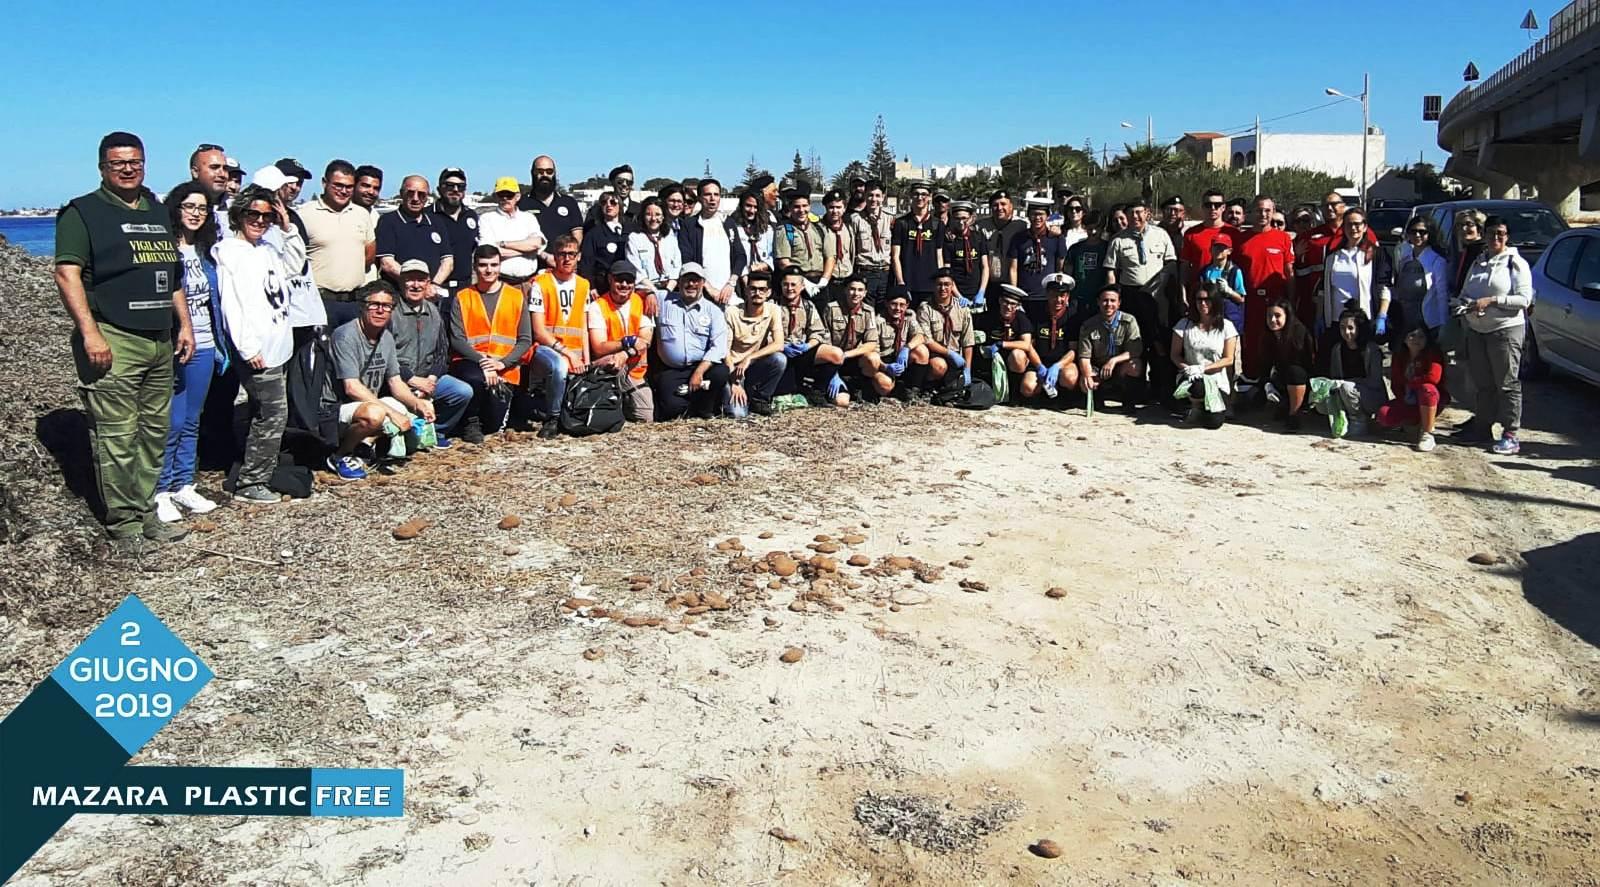 SUCCESSO DELLA MANIFESTAZIONE MAZARA PLASTIC FREE. Ripulito dalla plastica il litorale di Tonnarella